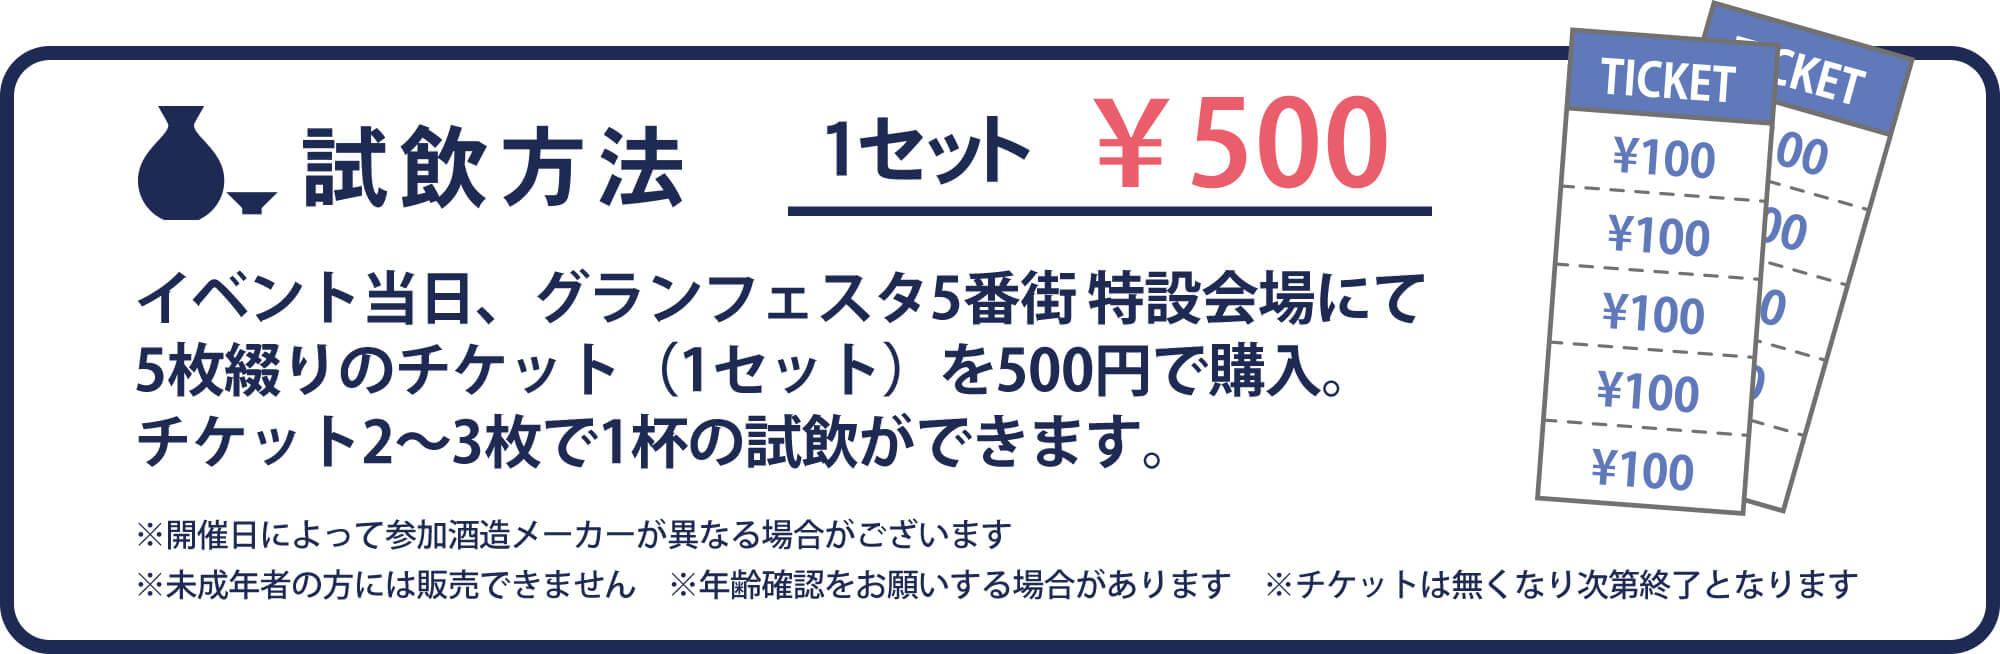 試飲方法 イベント当日、グランフェスタ5番街 特設会場にて5枚綴りのチケット(1セット)を500円で購入。チケット2~3枚で1杯の試飲ができます。